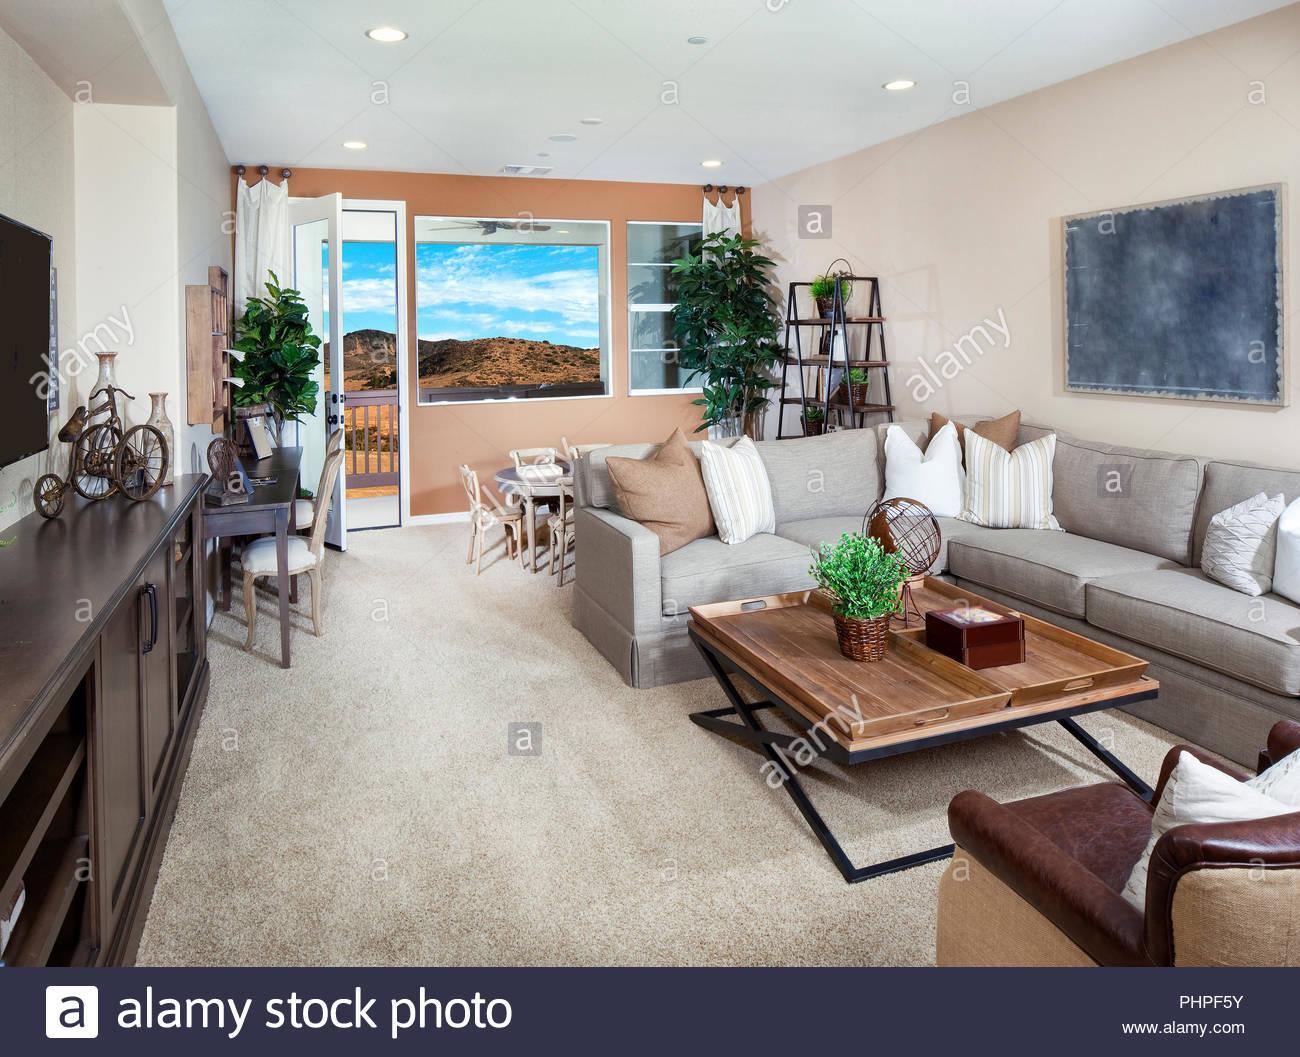 Braun Graues Wohnzimmer